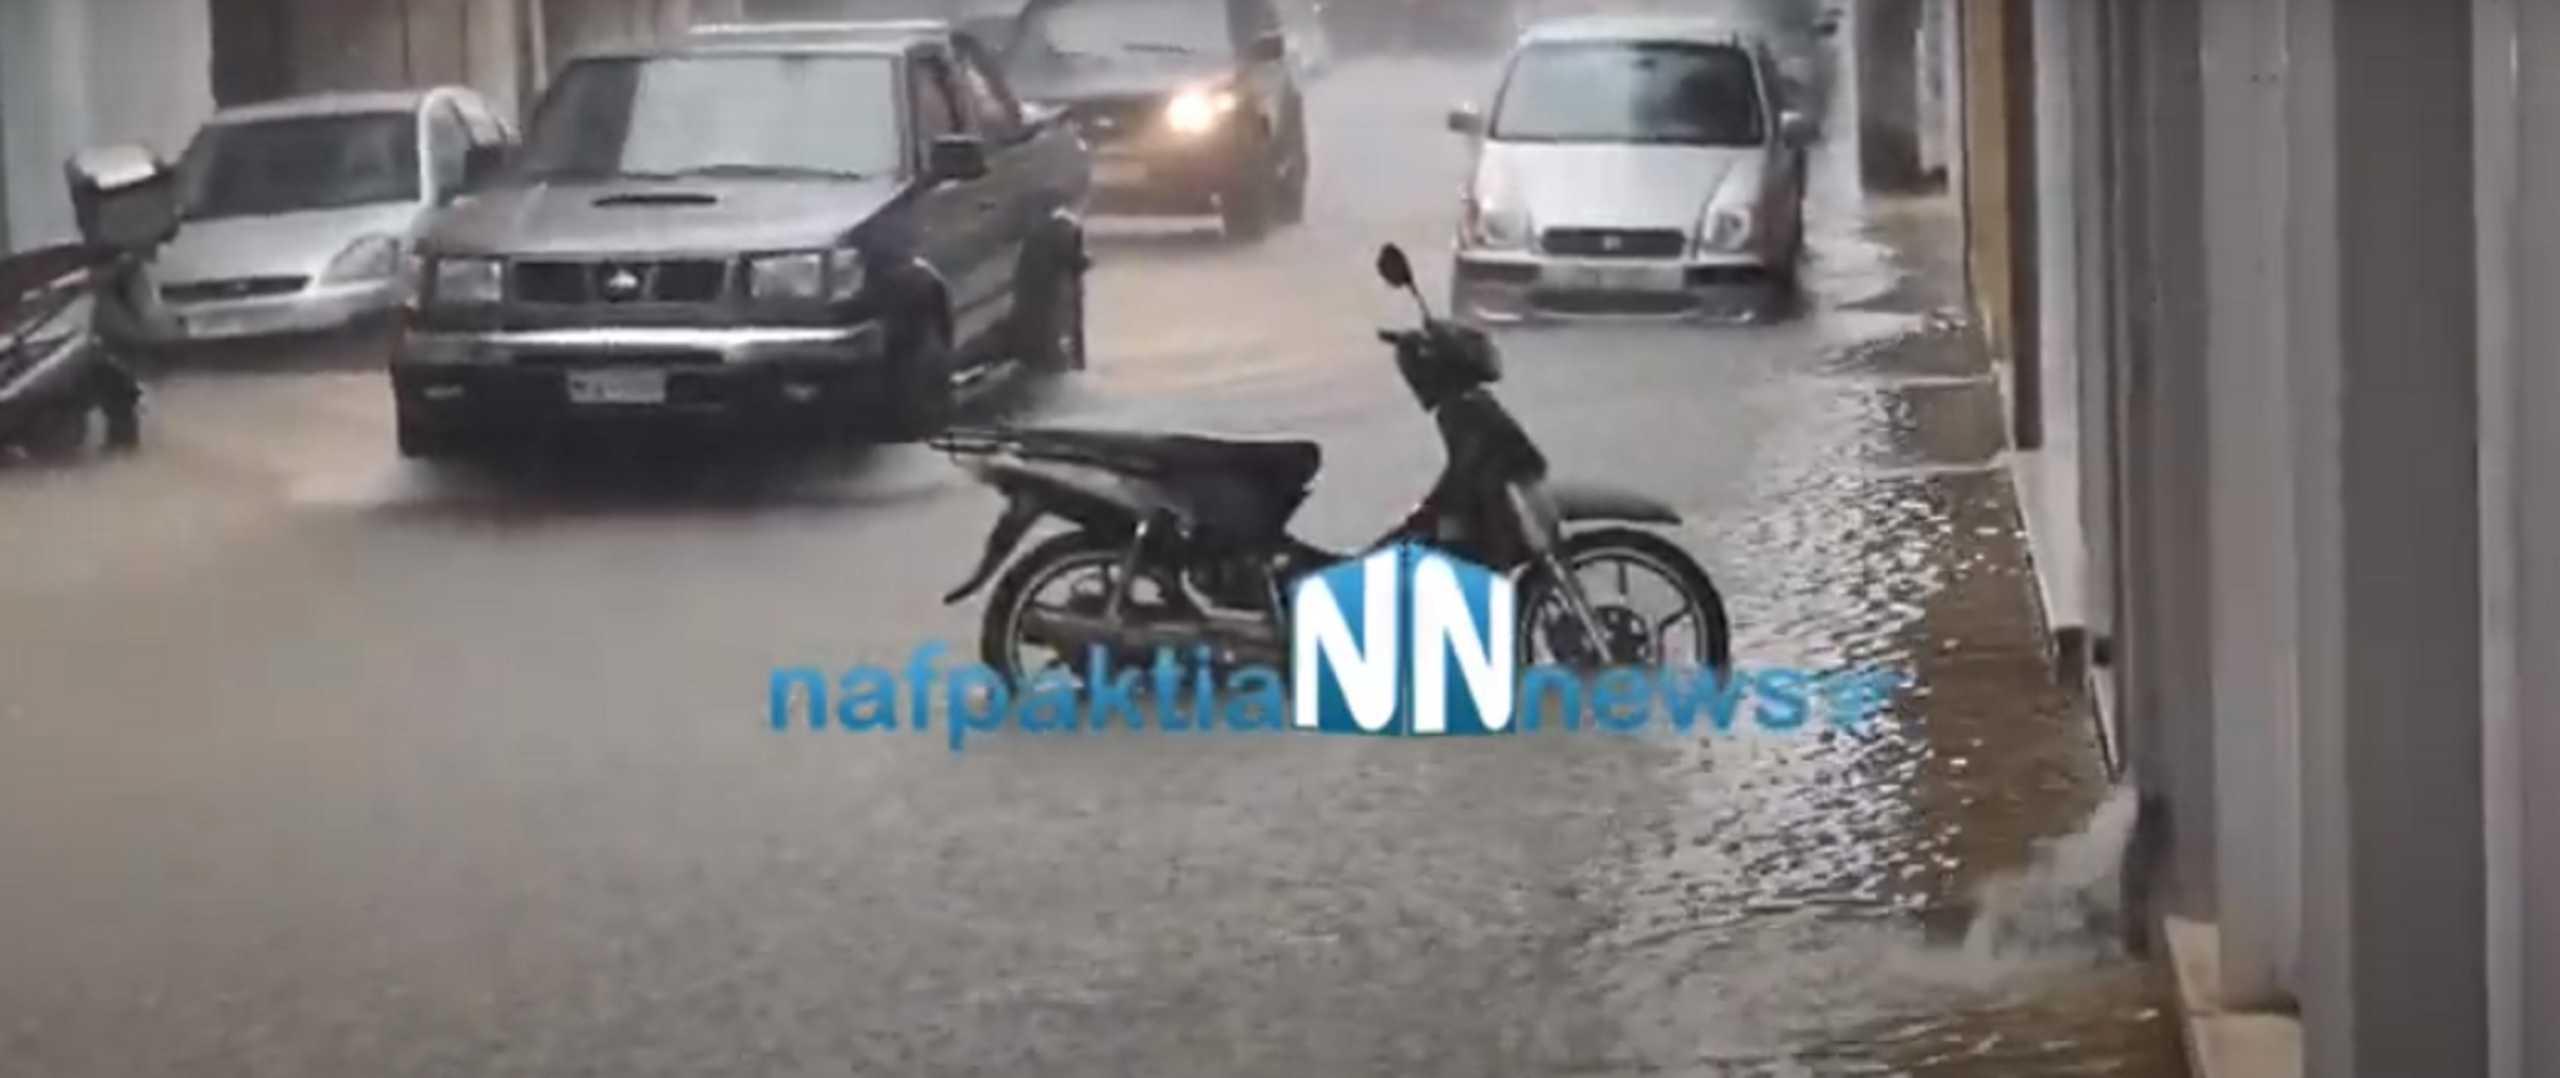 """Καιρός: """"Πνίγηκε"""" πάλι η Ναύπακτος – Ορμητικοί χείμαρροι οι δρόμοι (video)"""